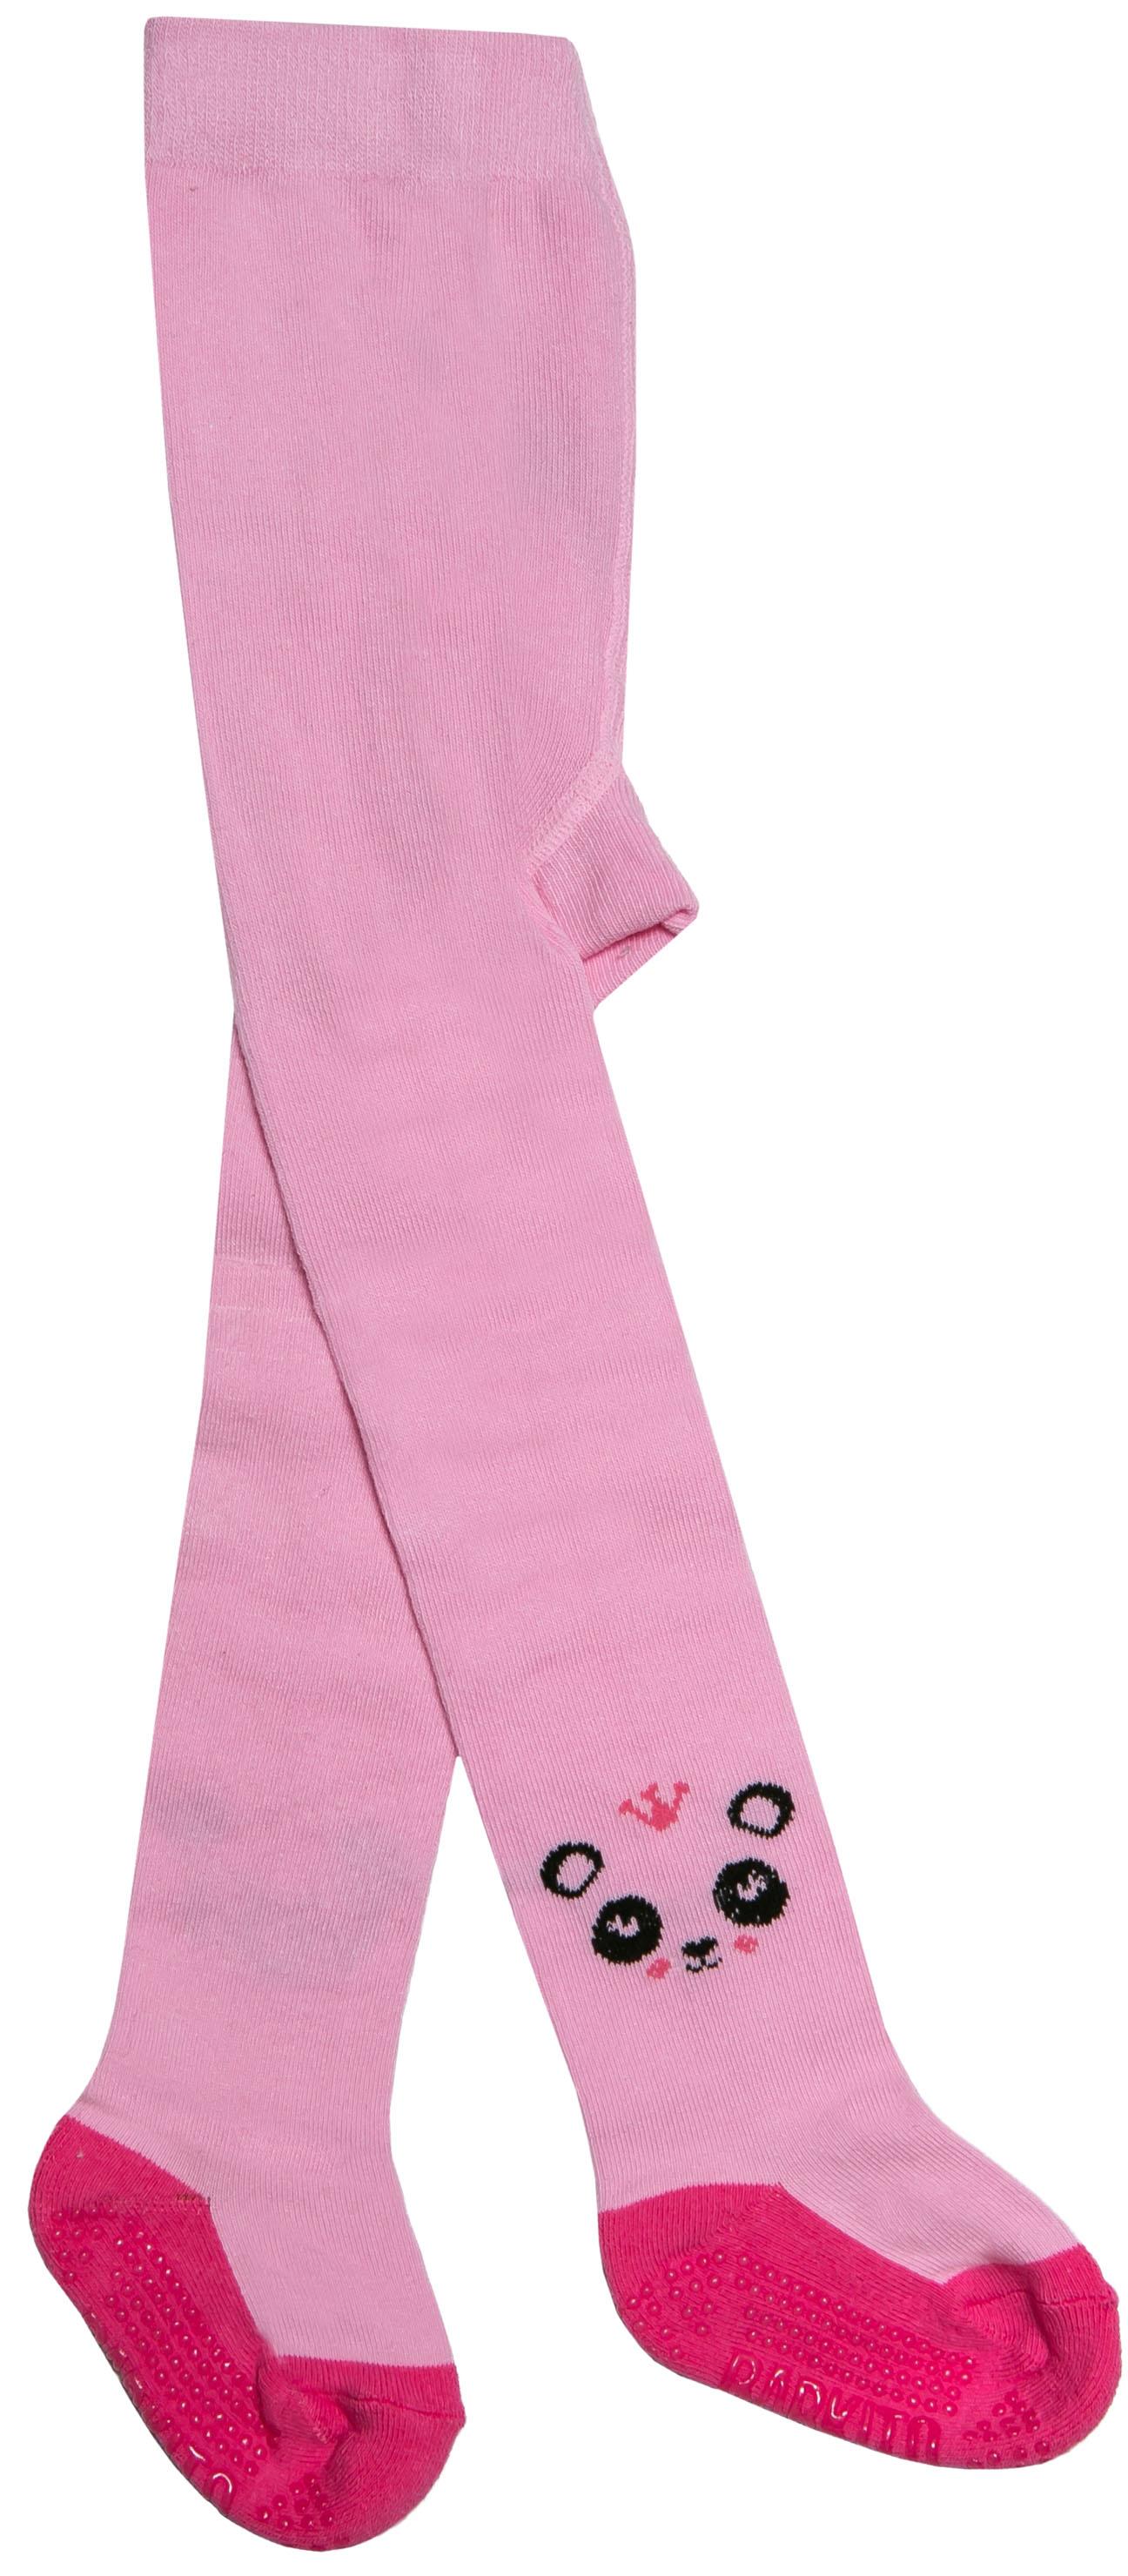 Колготки Barkito Колготки антискользящие для девочки Barkito, розовые колготки кидис колготки х б 8 марта розовые